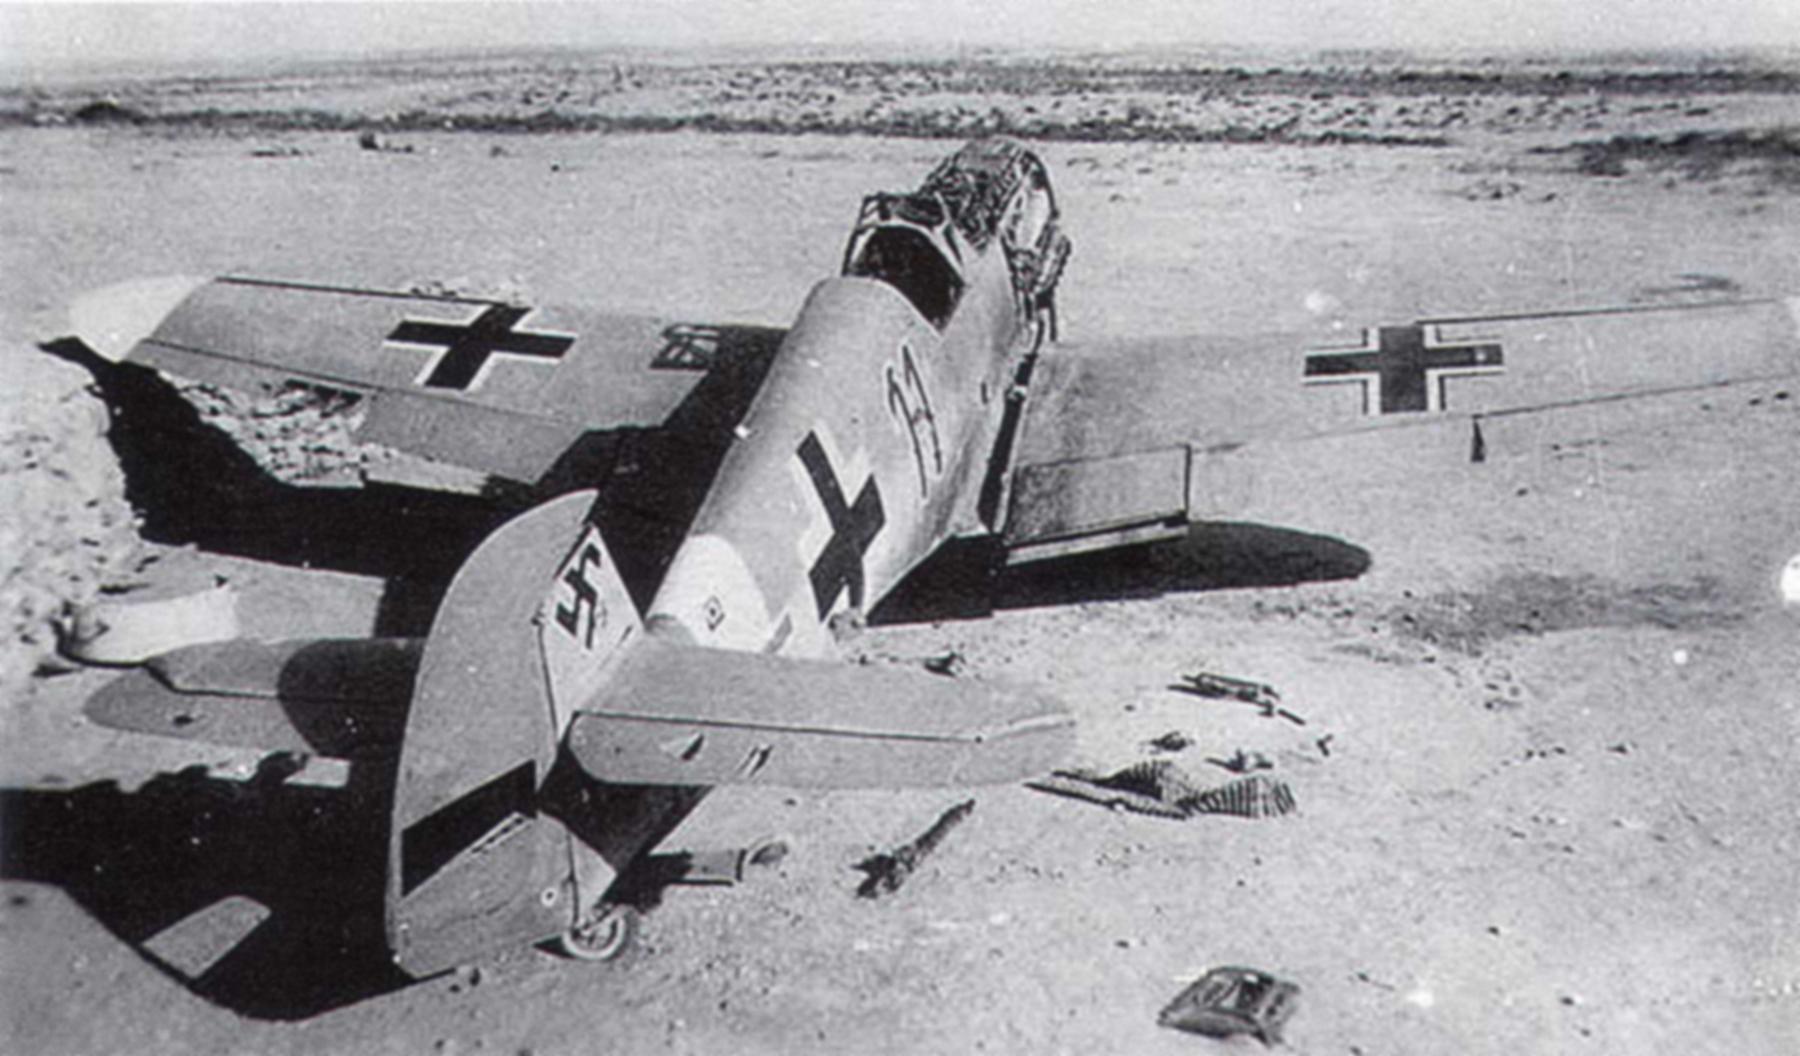 Messerschmitt Bf 109F4Trop 5.JG27 Black 11 North Africa 1942 01